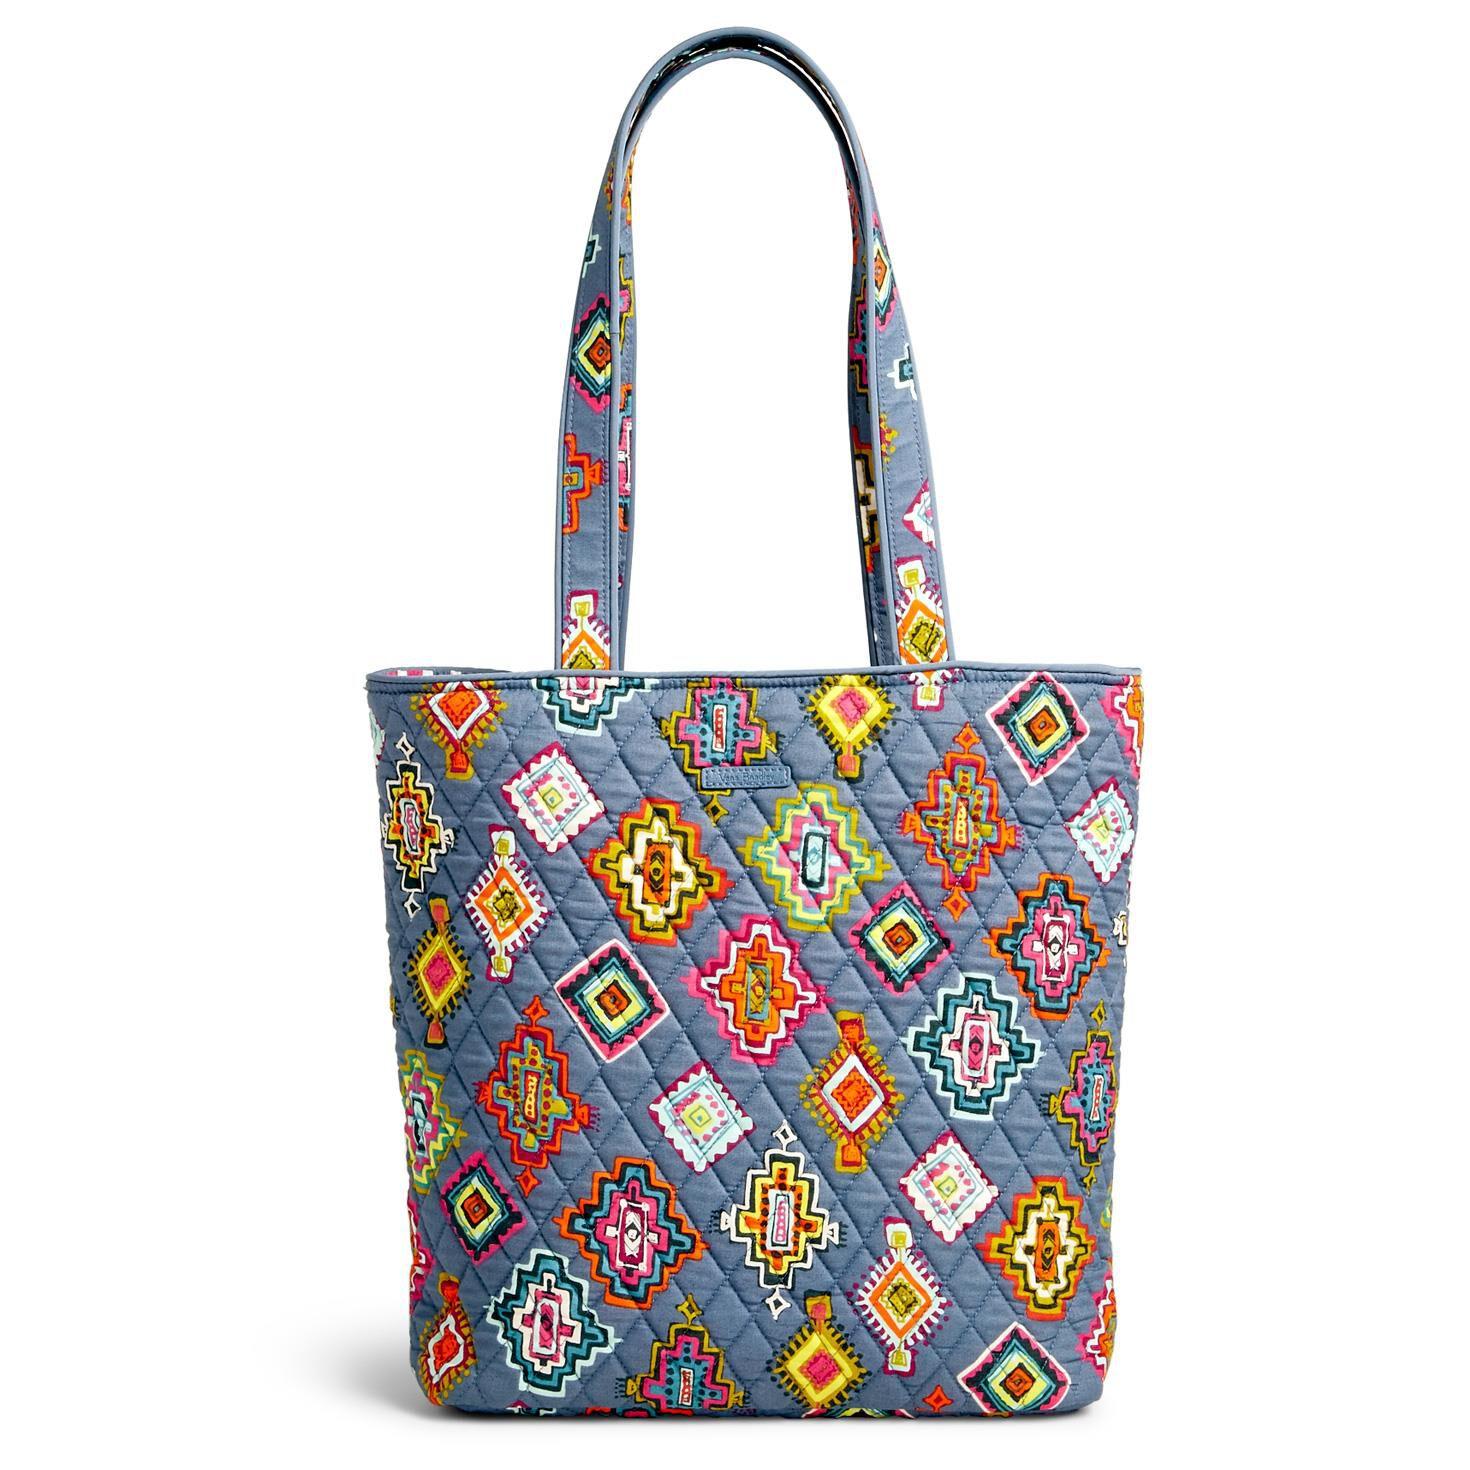 Vera Bradley Tote Bag in Painted Medallions - Handbags & Purses ...